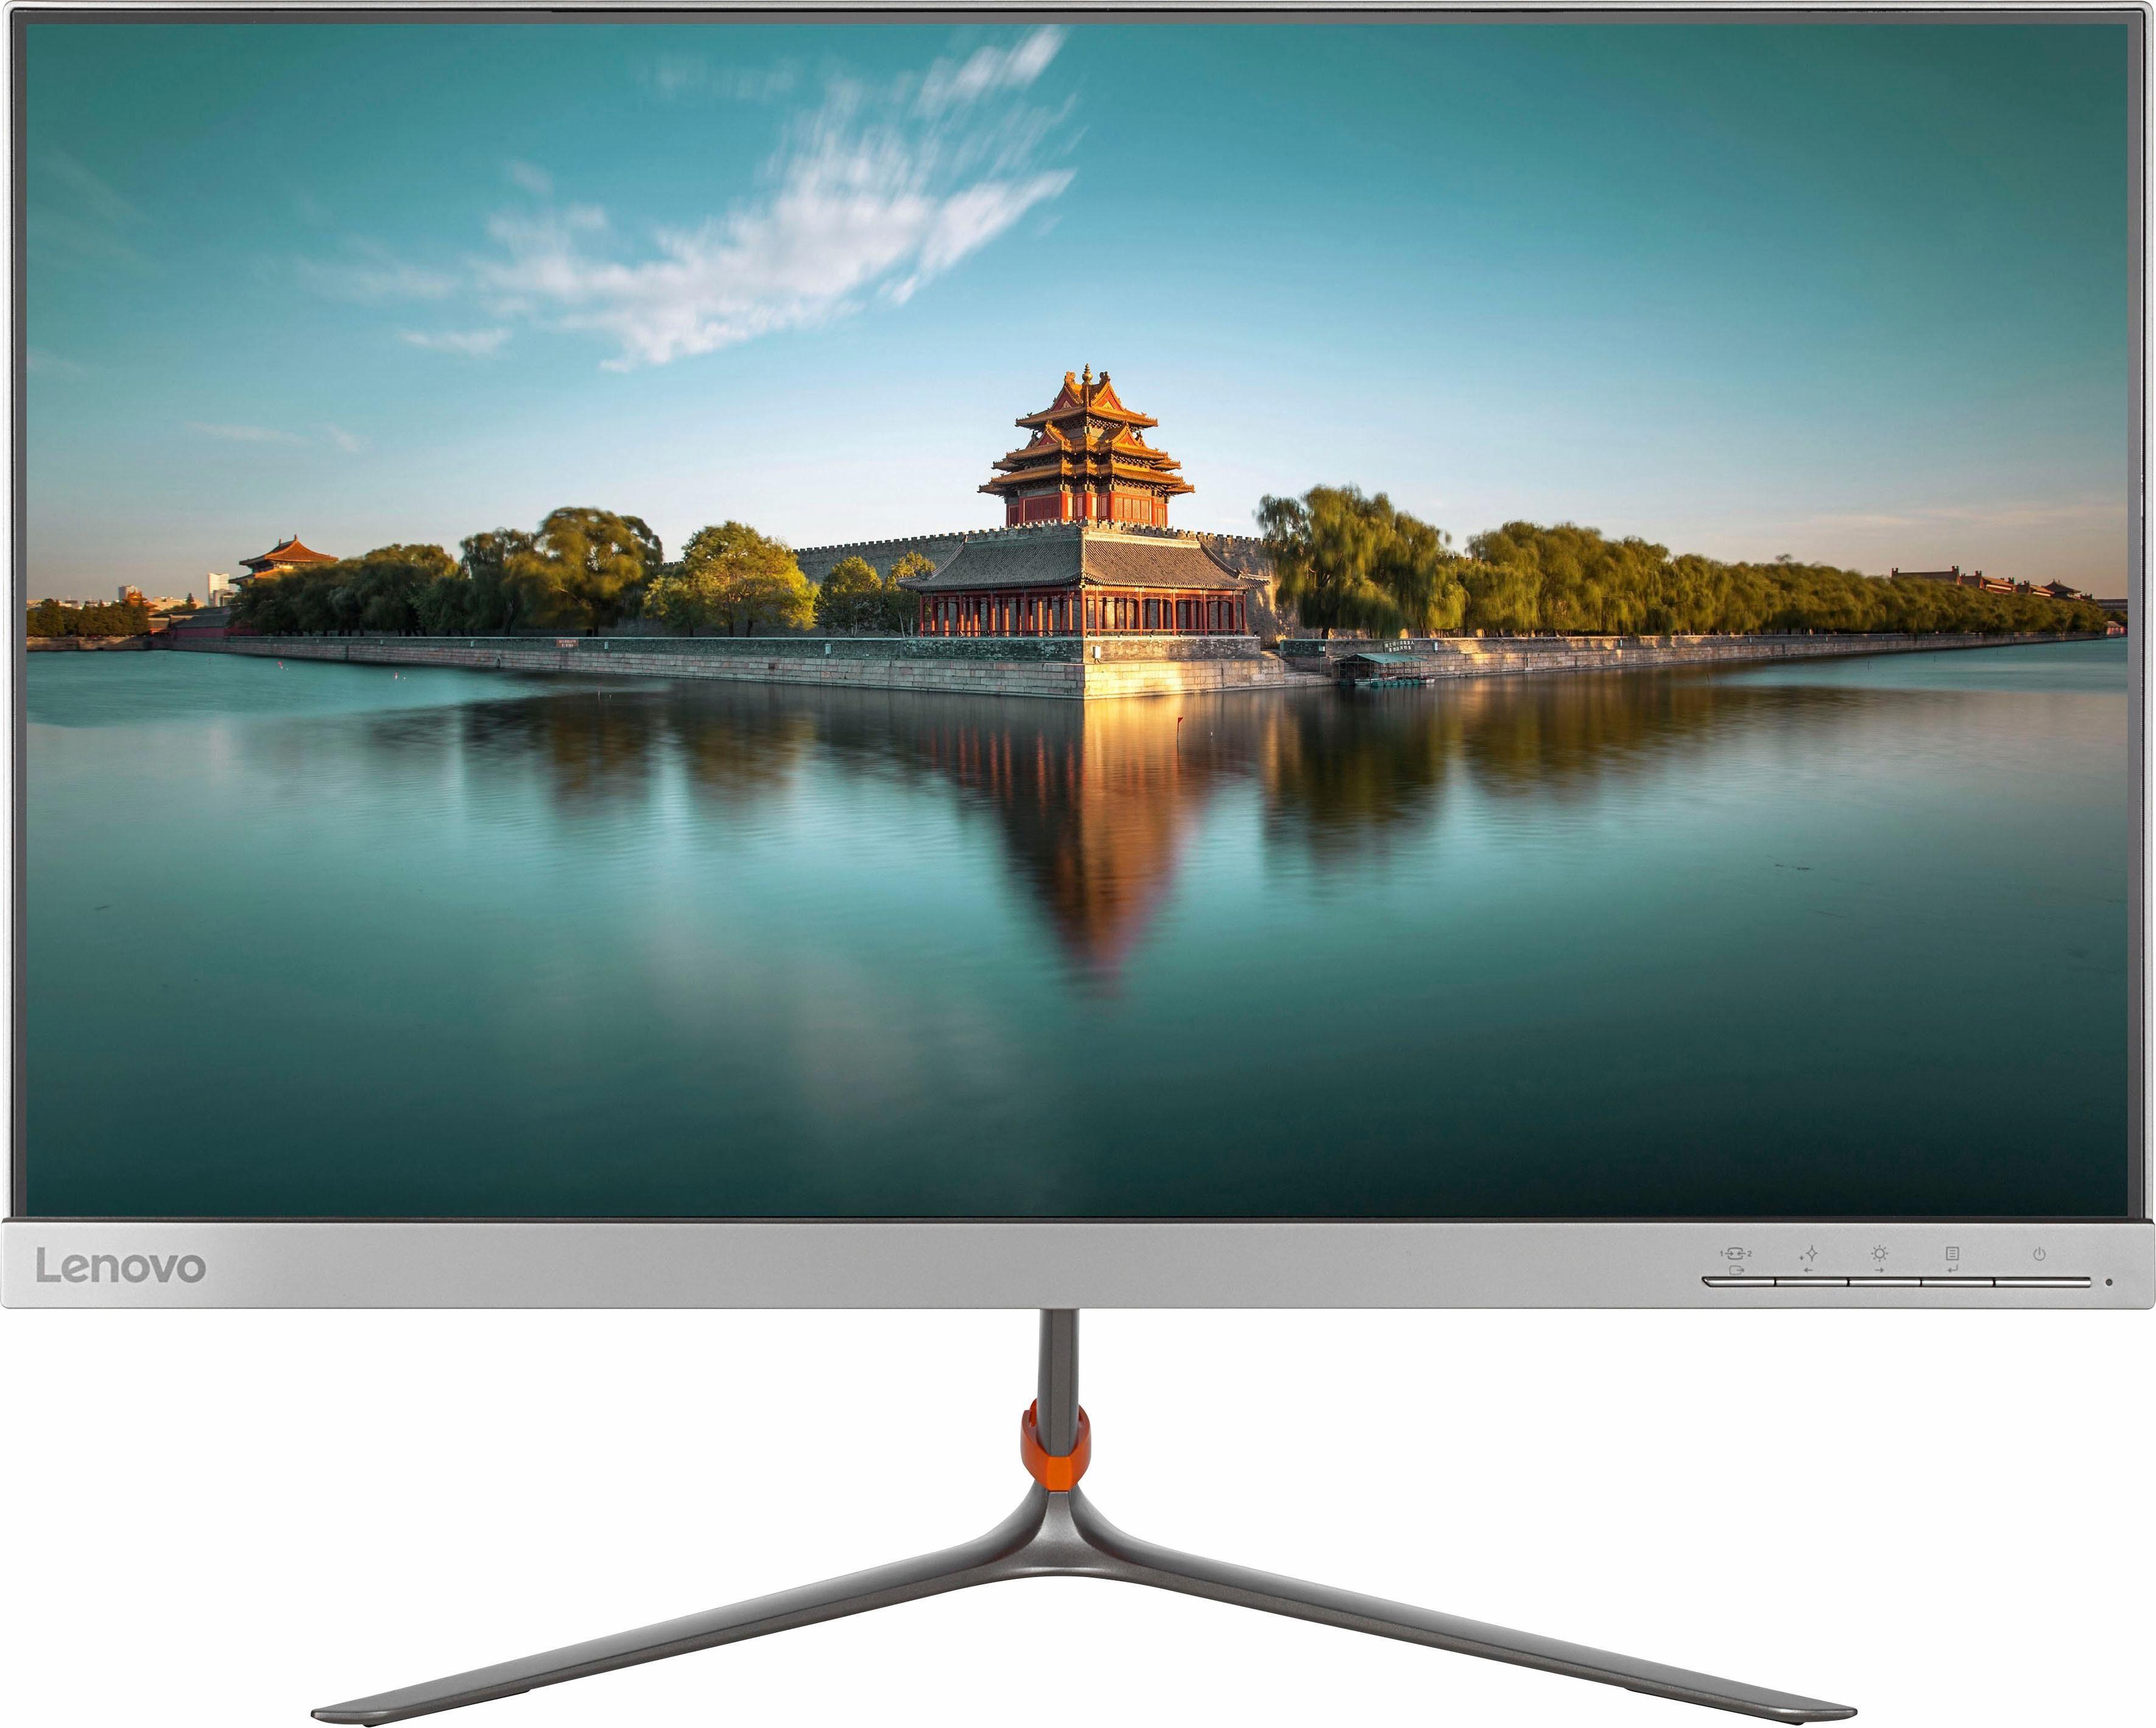 Lenovo L24q-10 TFT-Monitor, 60,45 cm (23,8 Zoll), 2560 x 1440, 16:9